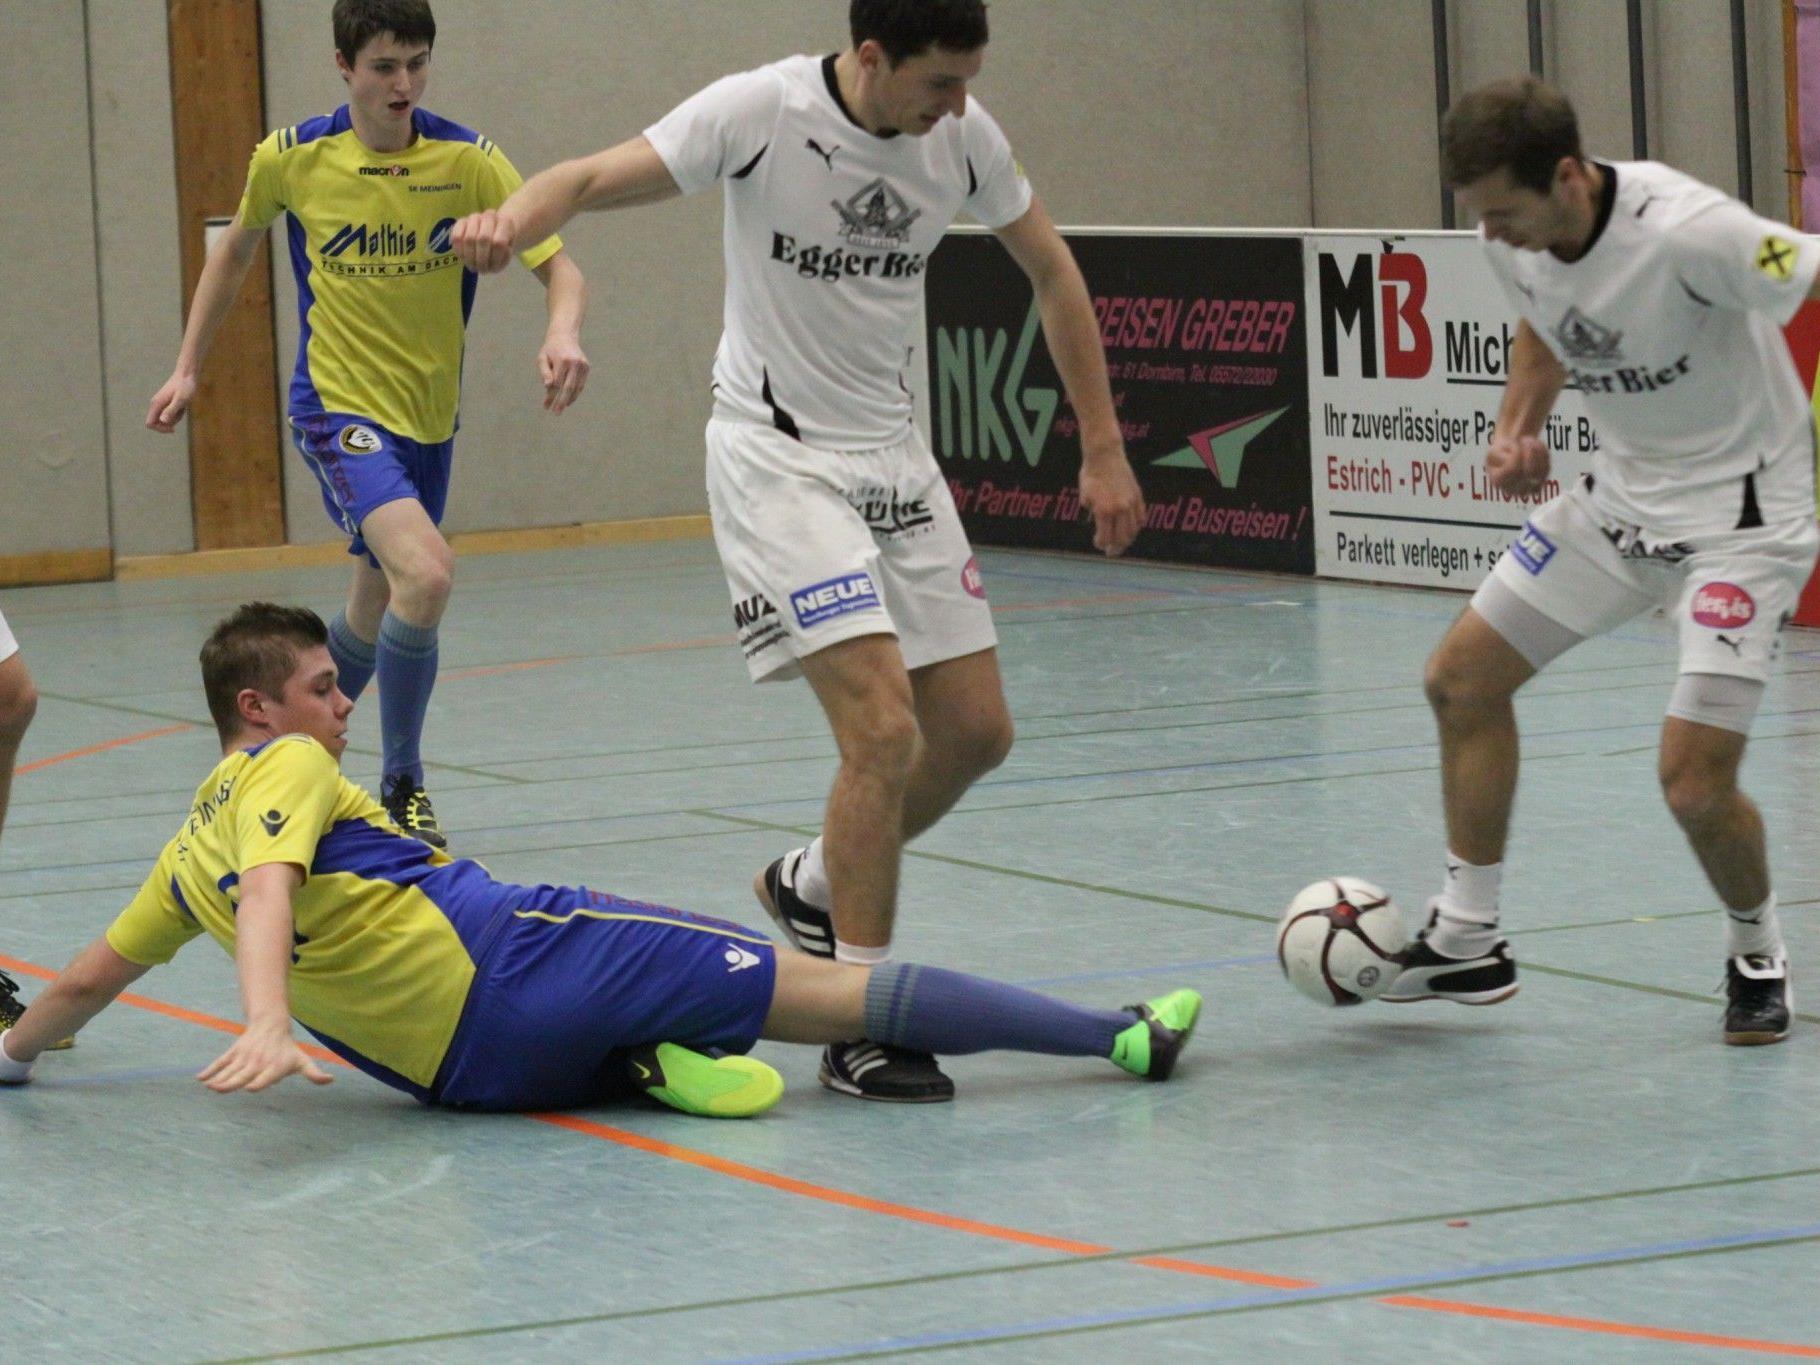 Egg-Spieler Philipp Hagspiel erfüllte mit seinen Teamkollegen die Pflichtaufgabe und kam weiter.